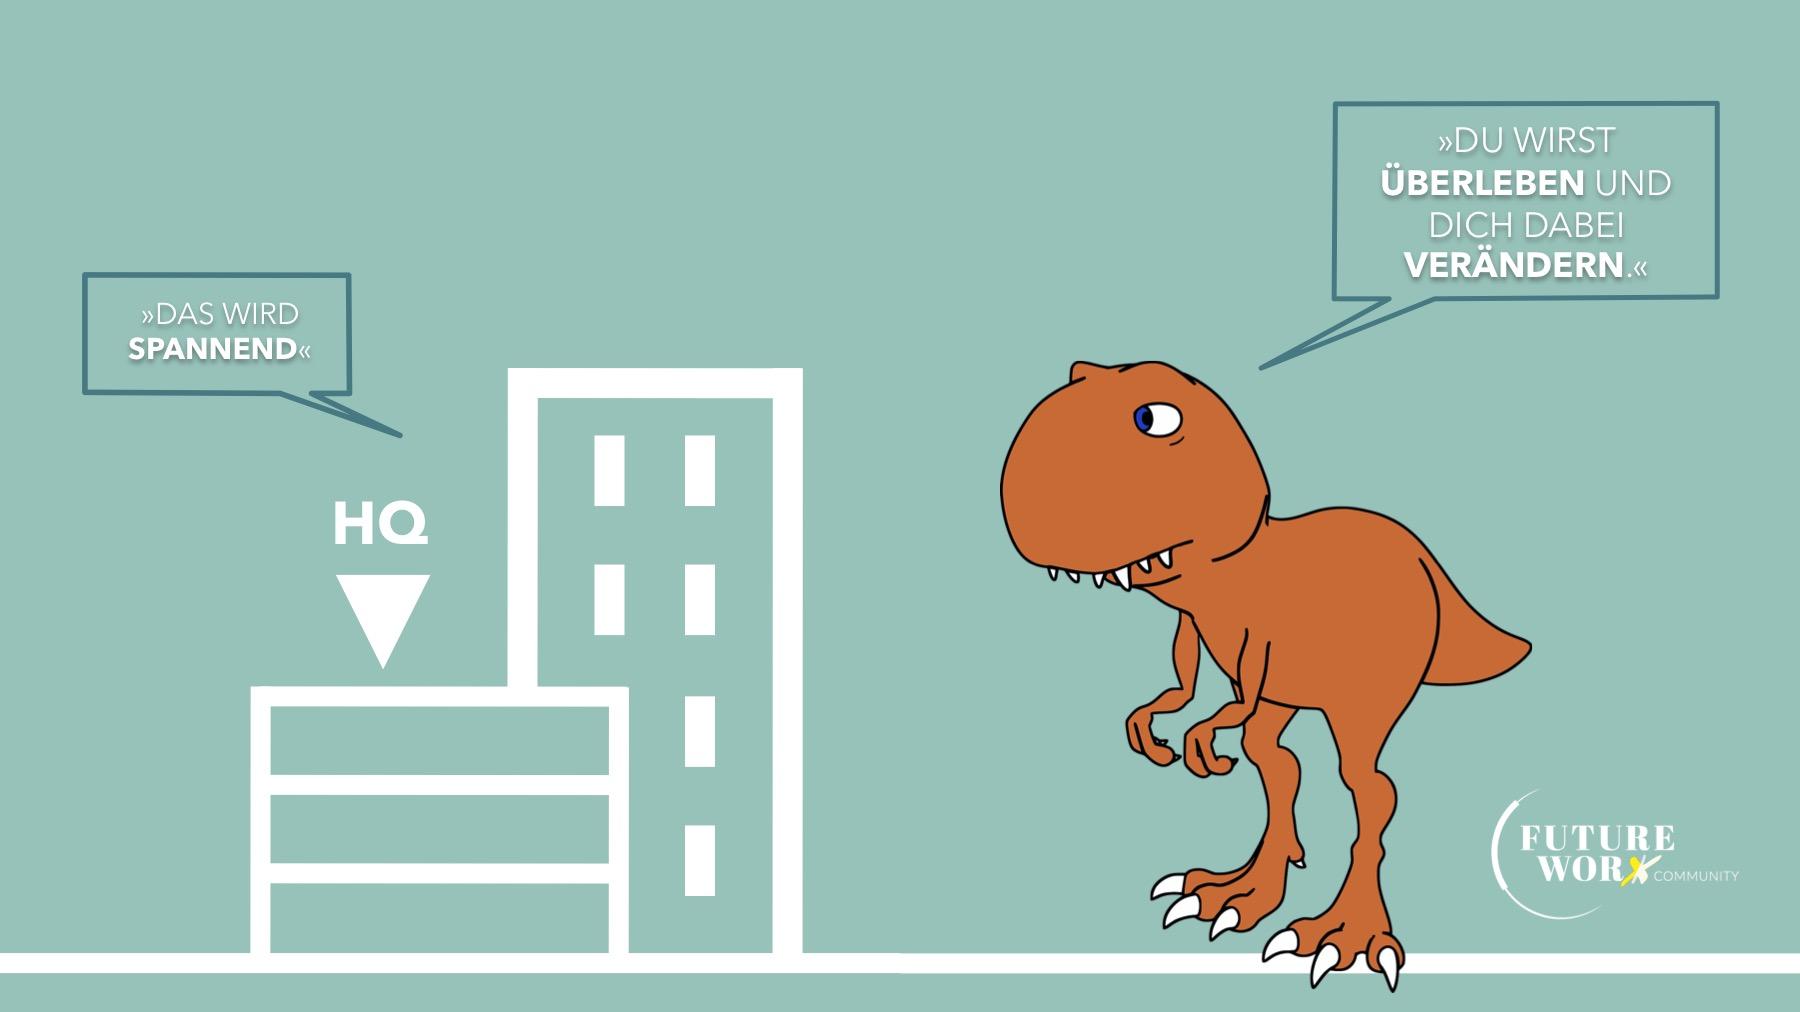 Zusammenarbeit in der Future WorX Community - Dinosaurier Fazit zur Frage des Aussterbens vom Headquarter